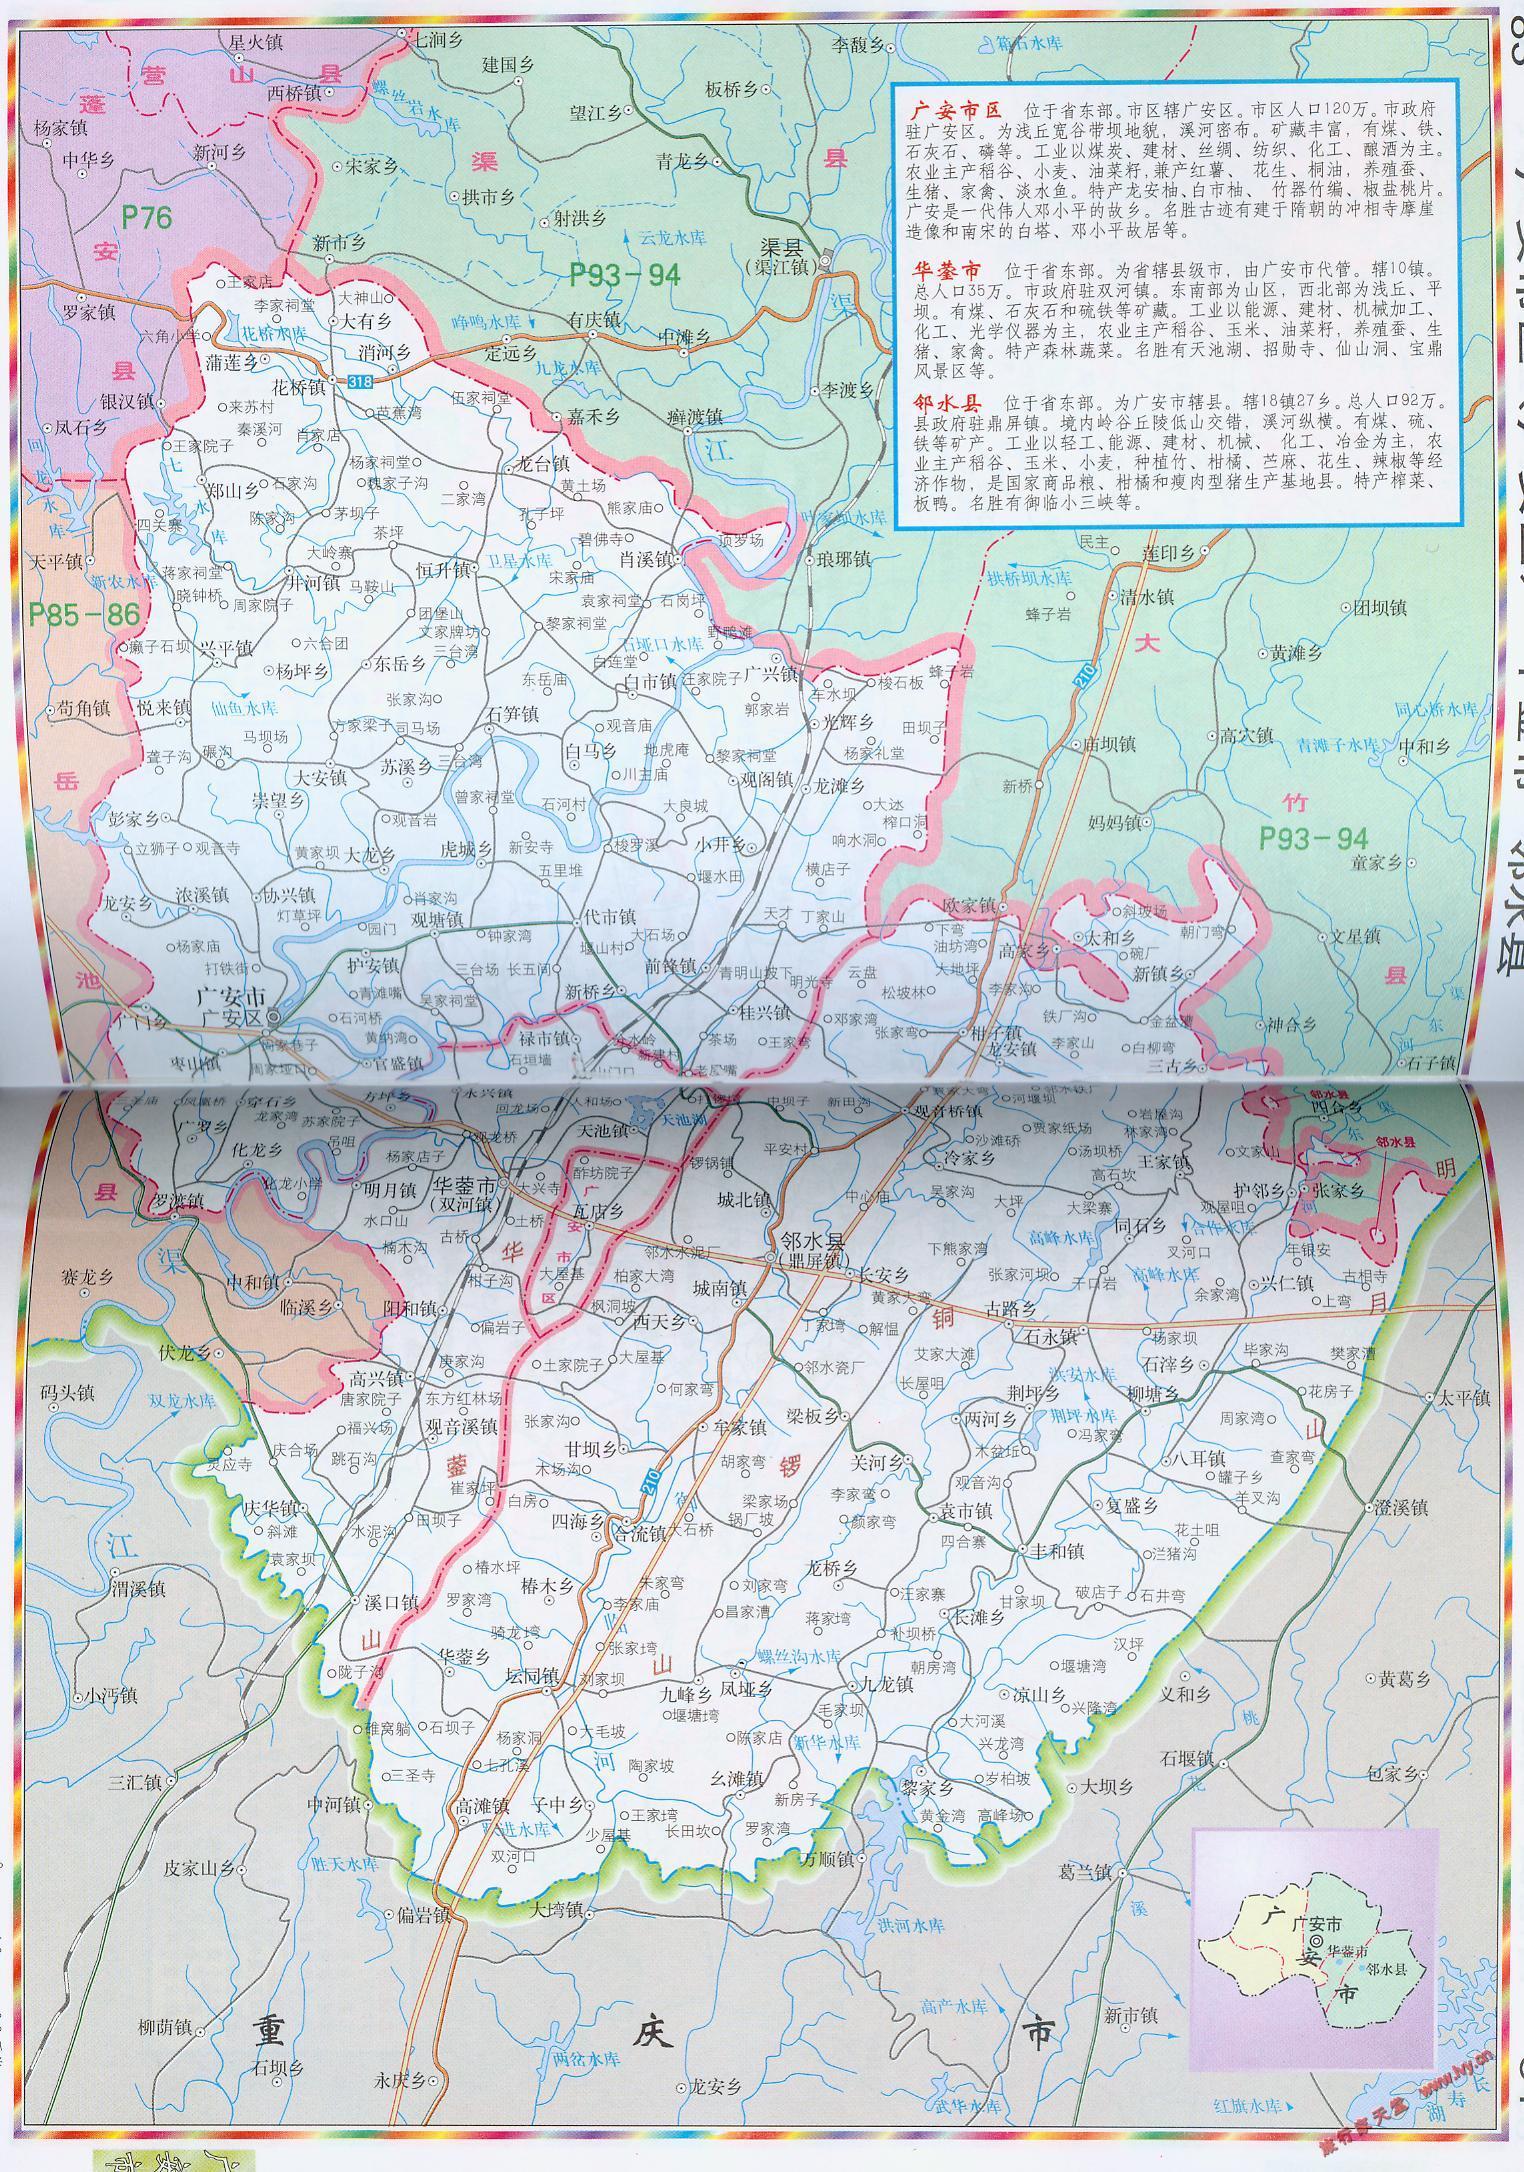 广安市区划交通地图